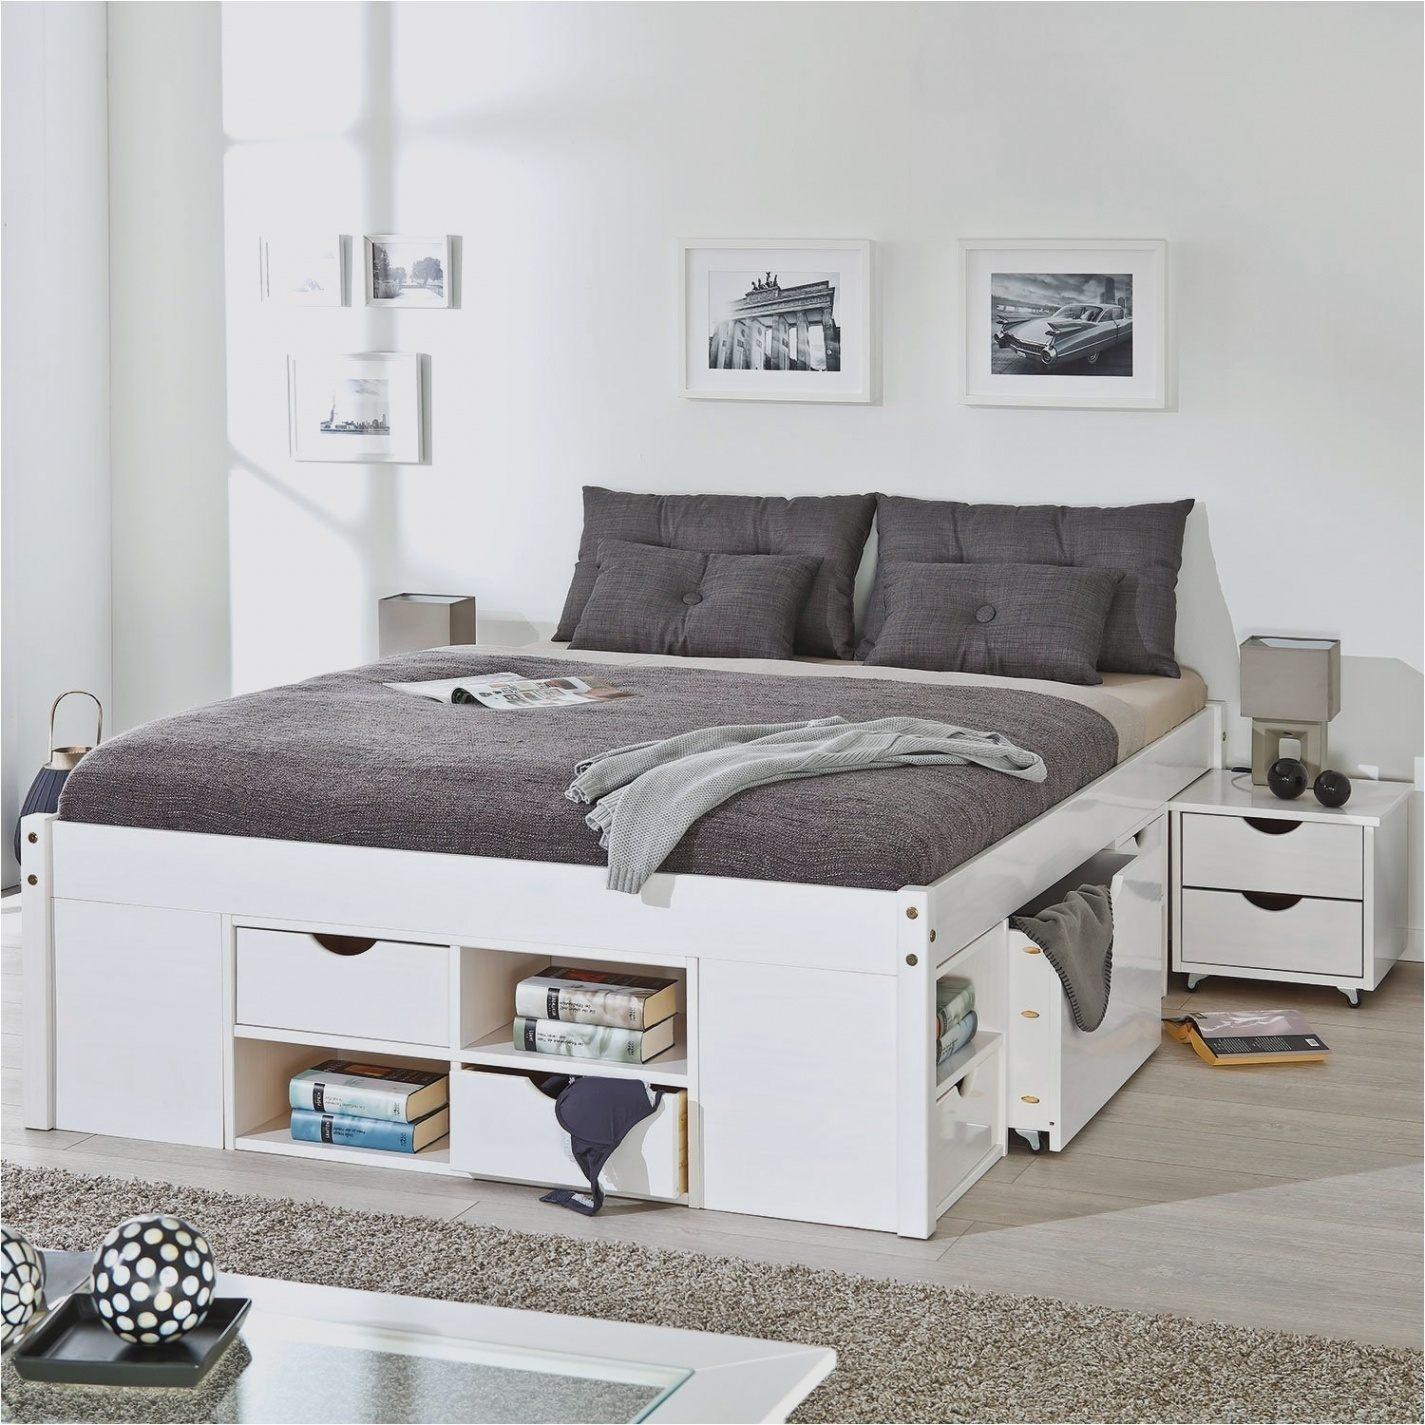 Lit 160×200 Blanc De Luxe Lit Design 160×200 Lit Baldaquin 160×200 En Pin Blanc Cassé Lit De